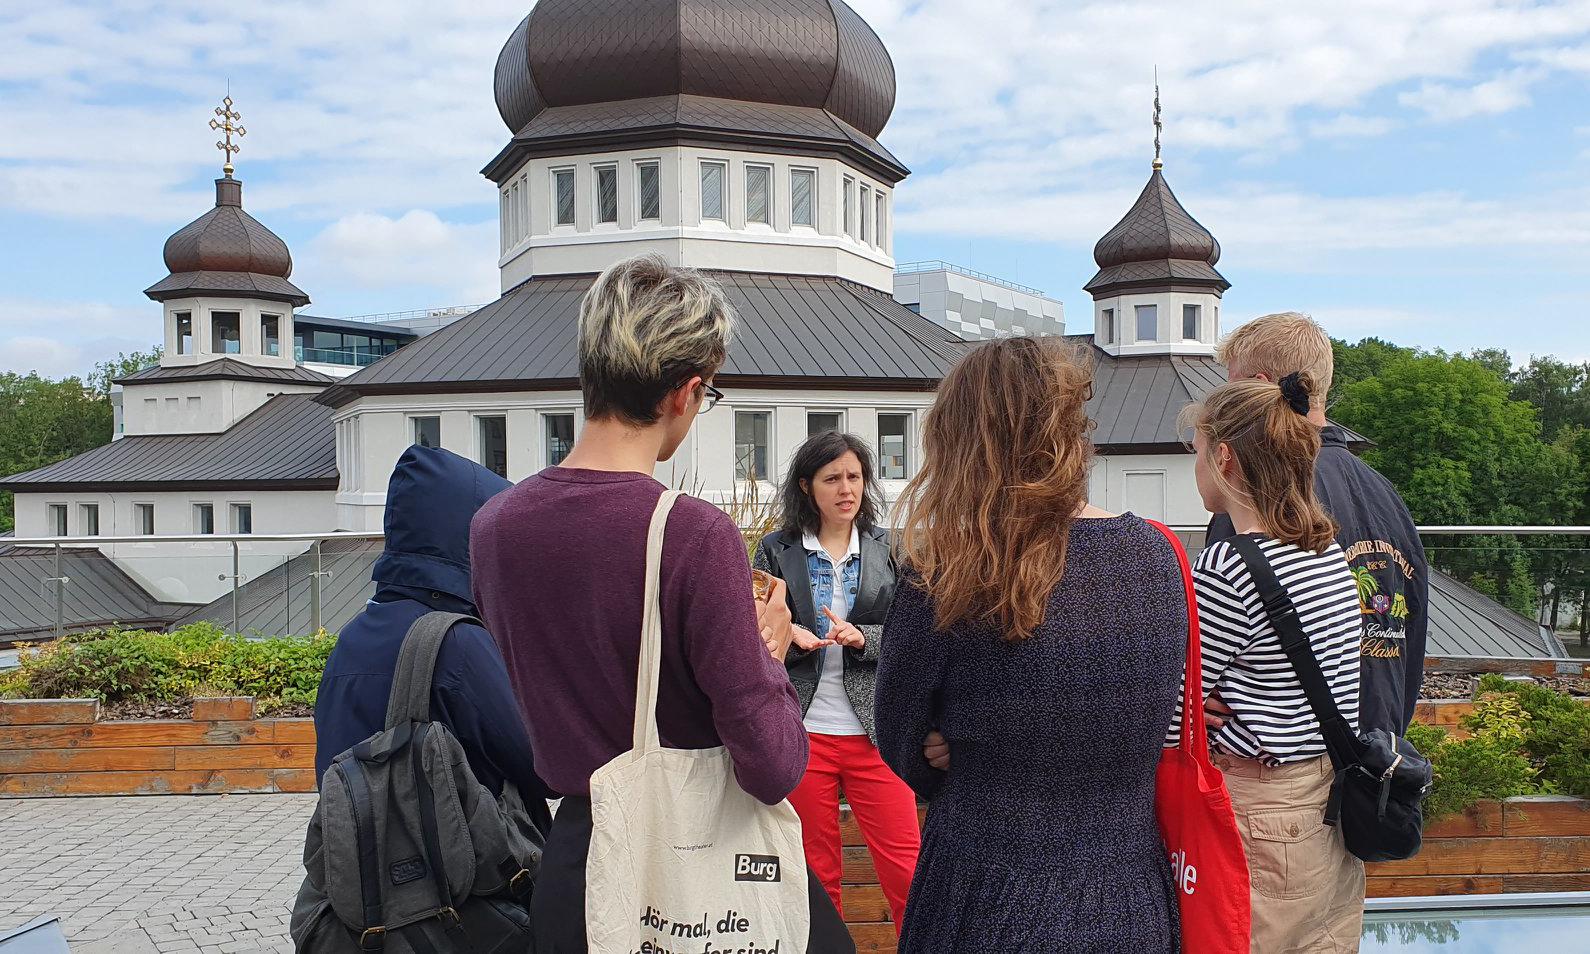 TeilnehmerInnen der International School of Multimedia Journalism 2019 während einer Führung über den UCU-Campus in Lviv, Ukraine (im Hintergrund die Kirche des Campus).